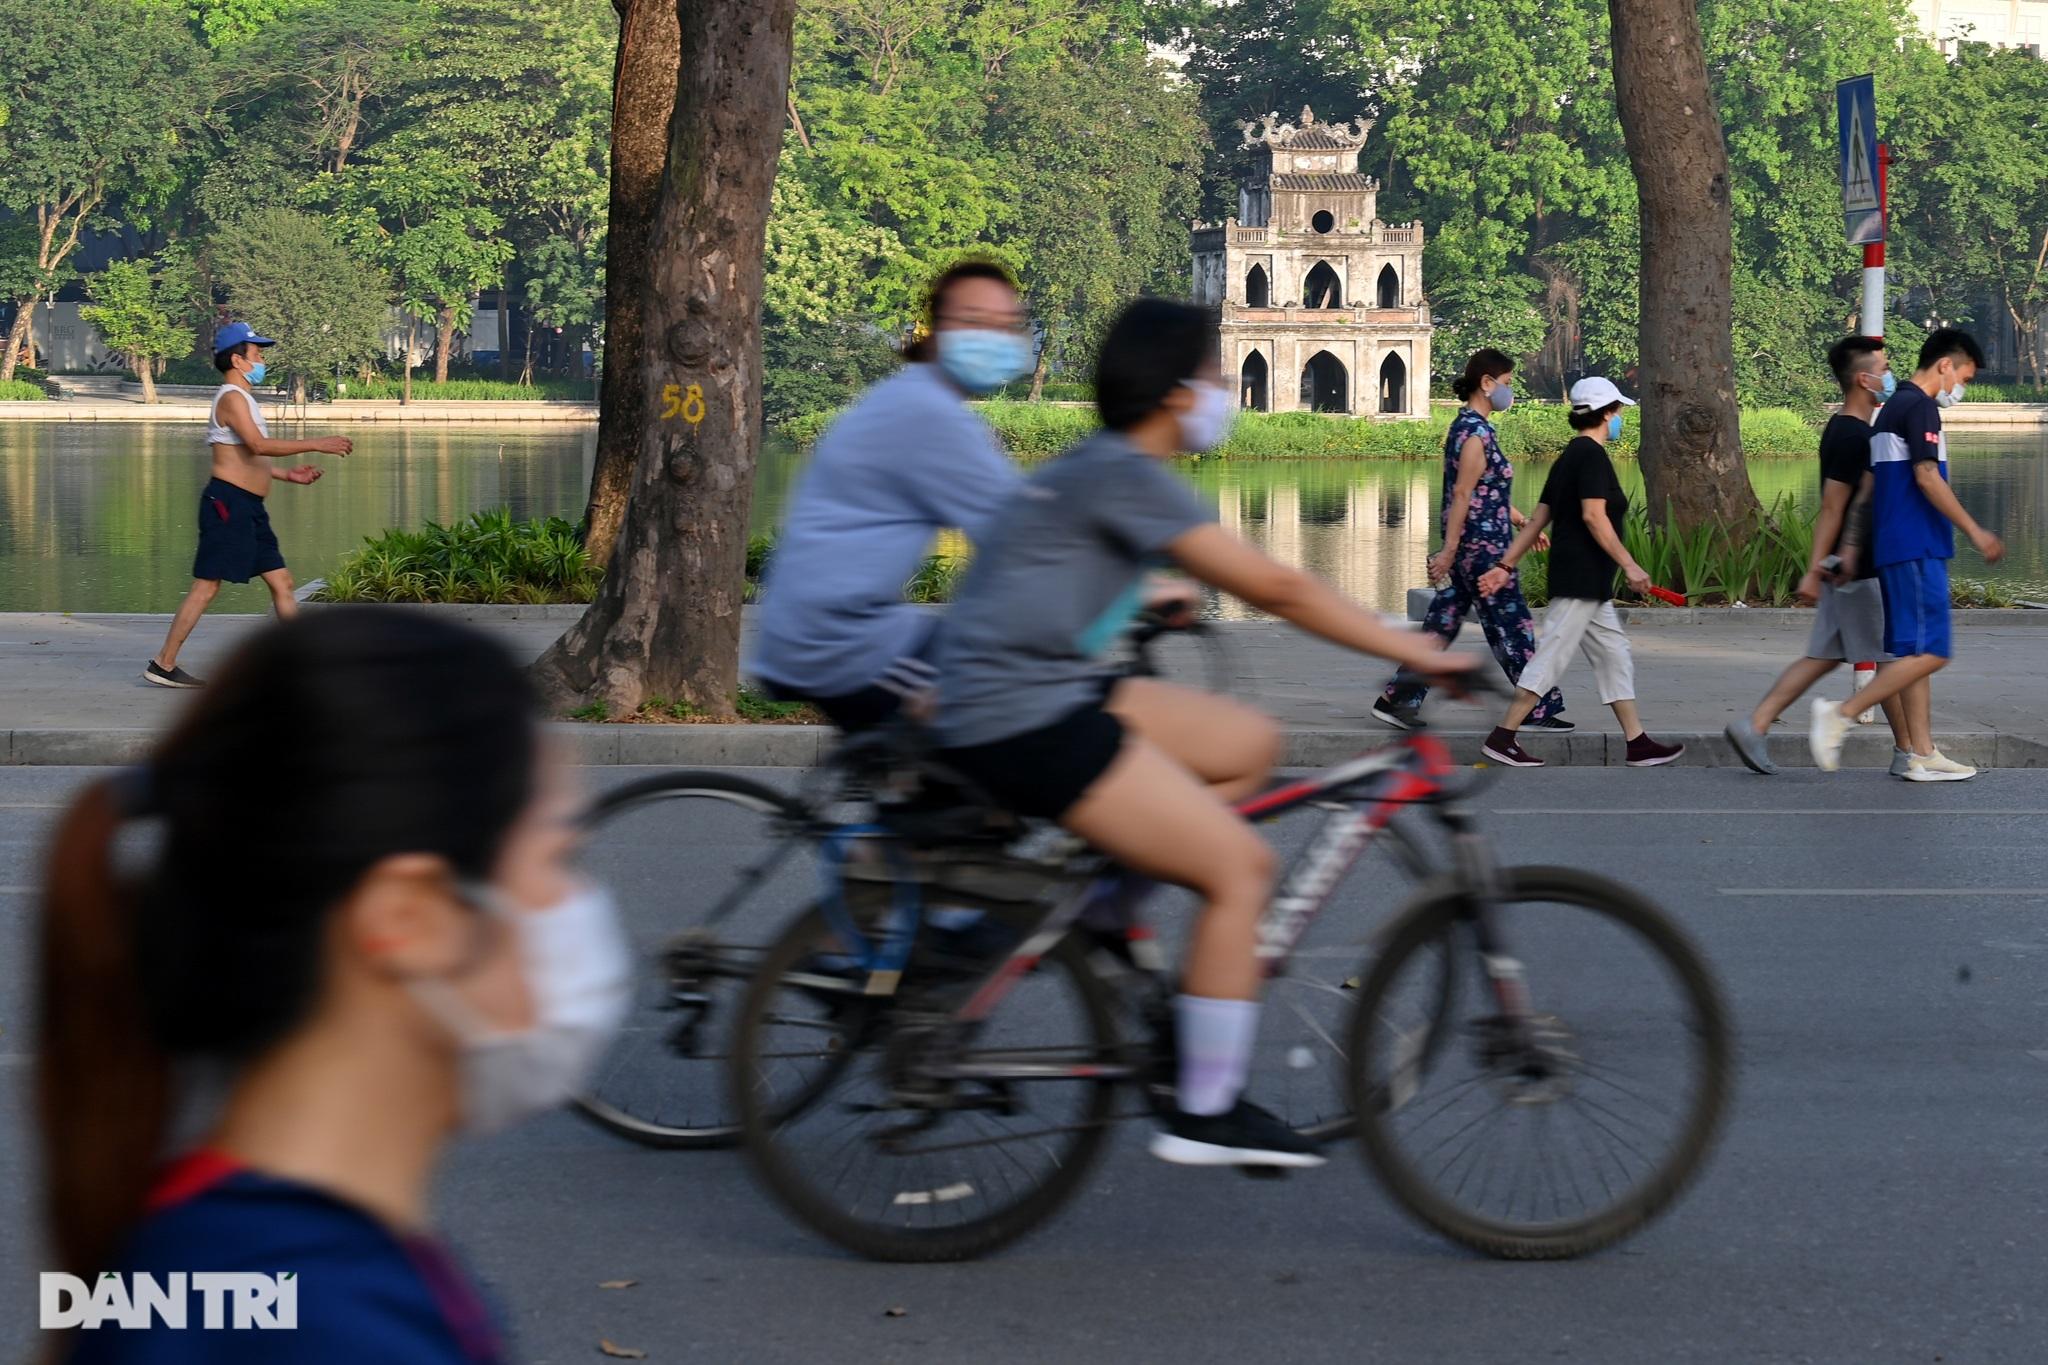 Hồ Gươm biến thành trường đua xe đạp, chật ních người đi bộ tập thể dục - 2